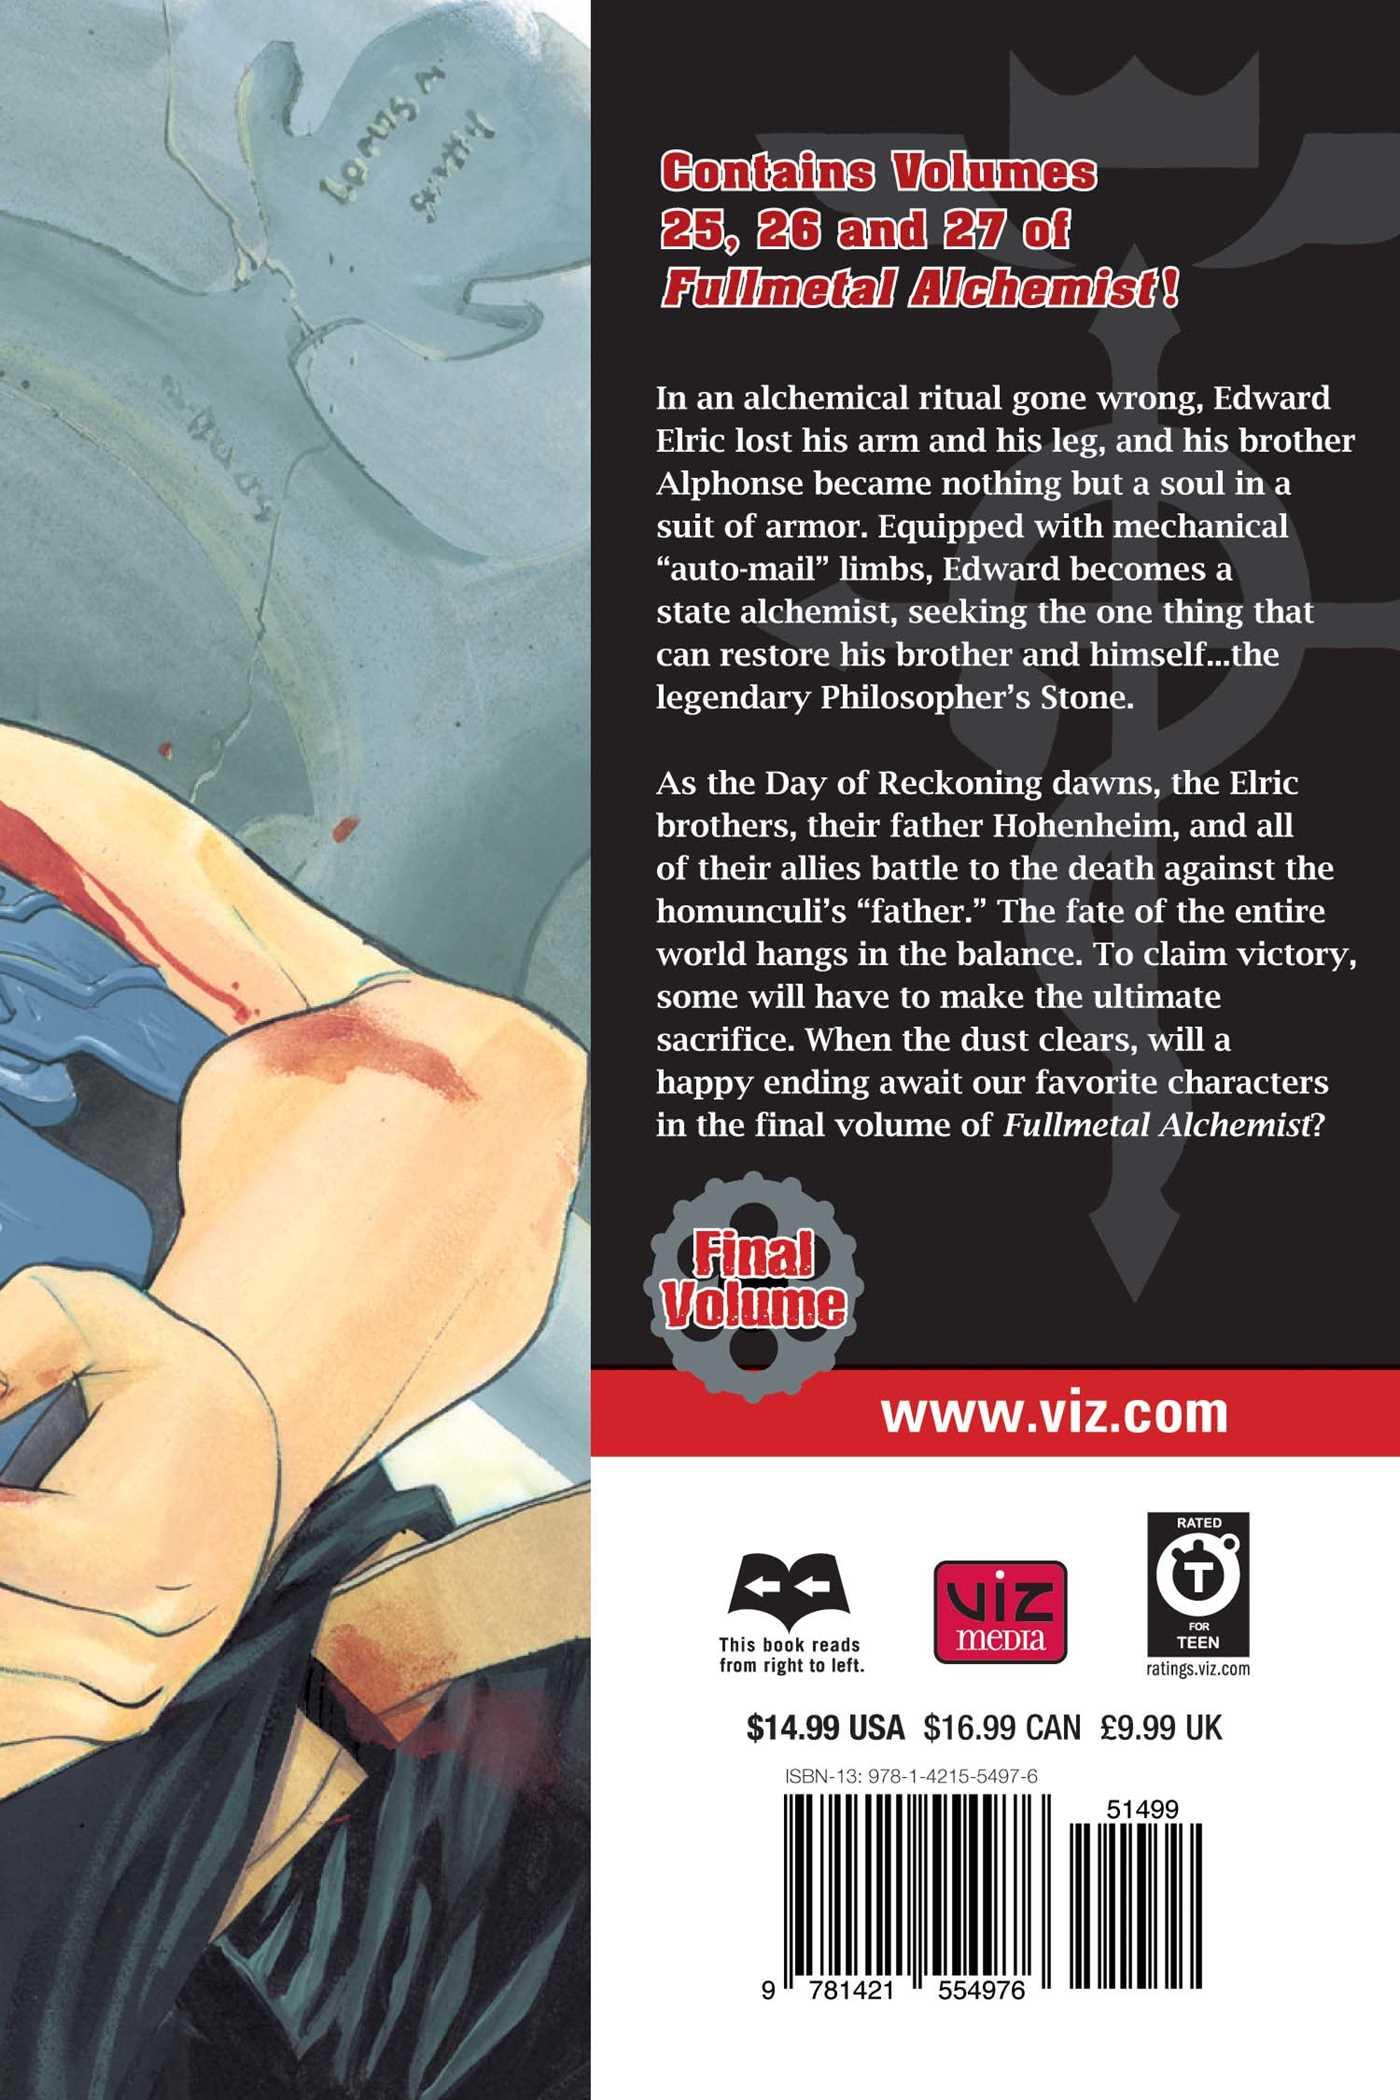 Fullmetal alchemist 3 in 1 edition vol 9 9781421554976 hr back